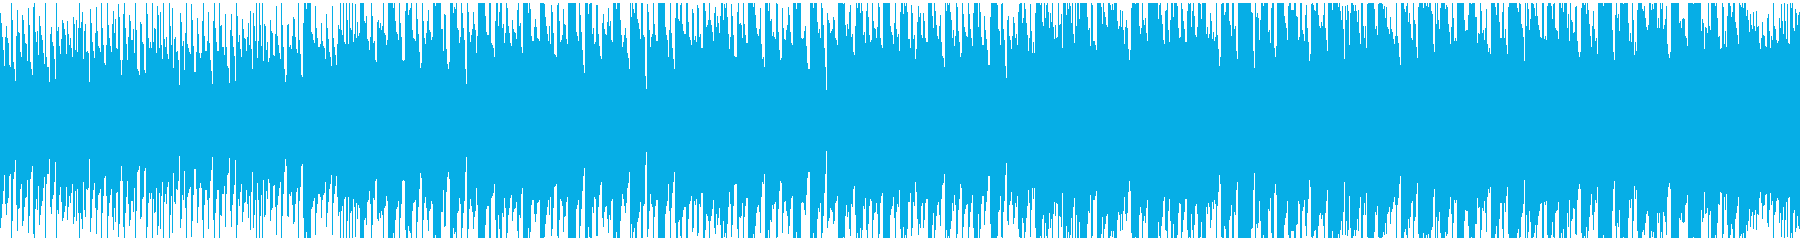 キュートな高速Dnb風ポップ ループ仕様の再生済みの波形